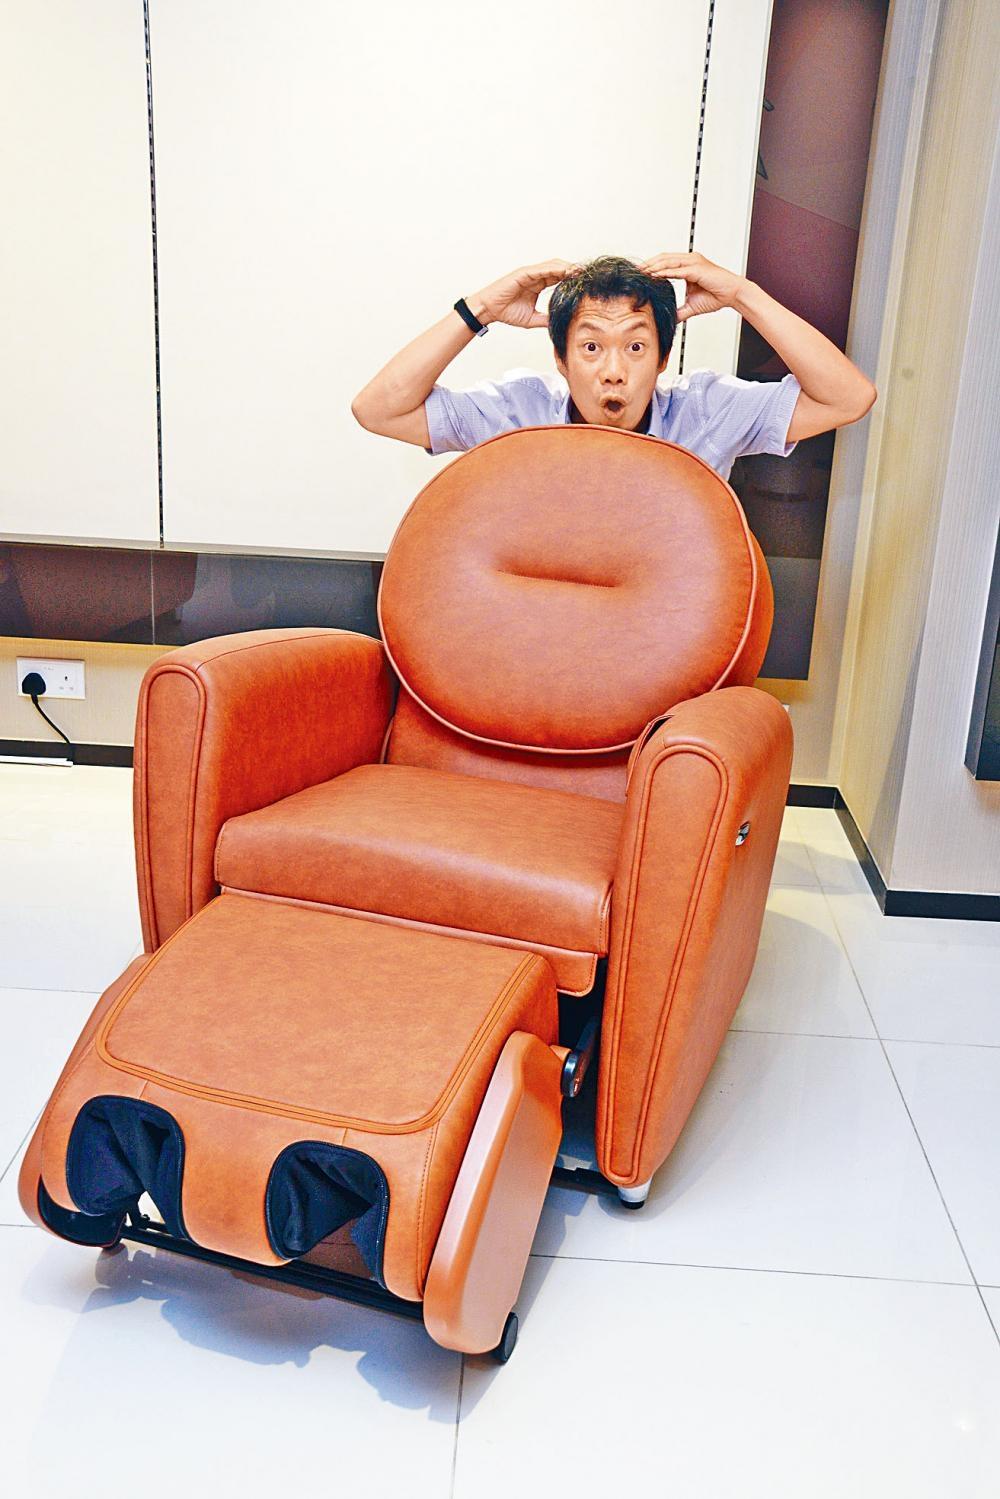 收納後不足一米高的小型按摩椅,啟動後竟可提供頭頸部位的按摩功能。